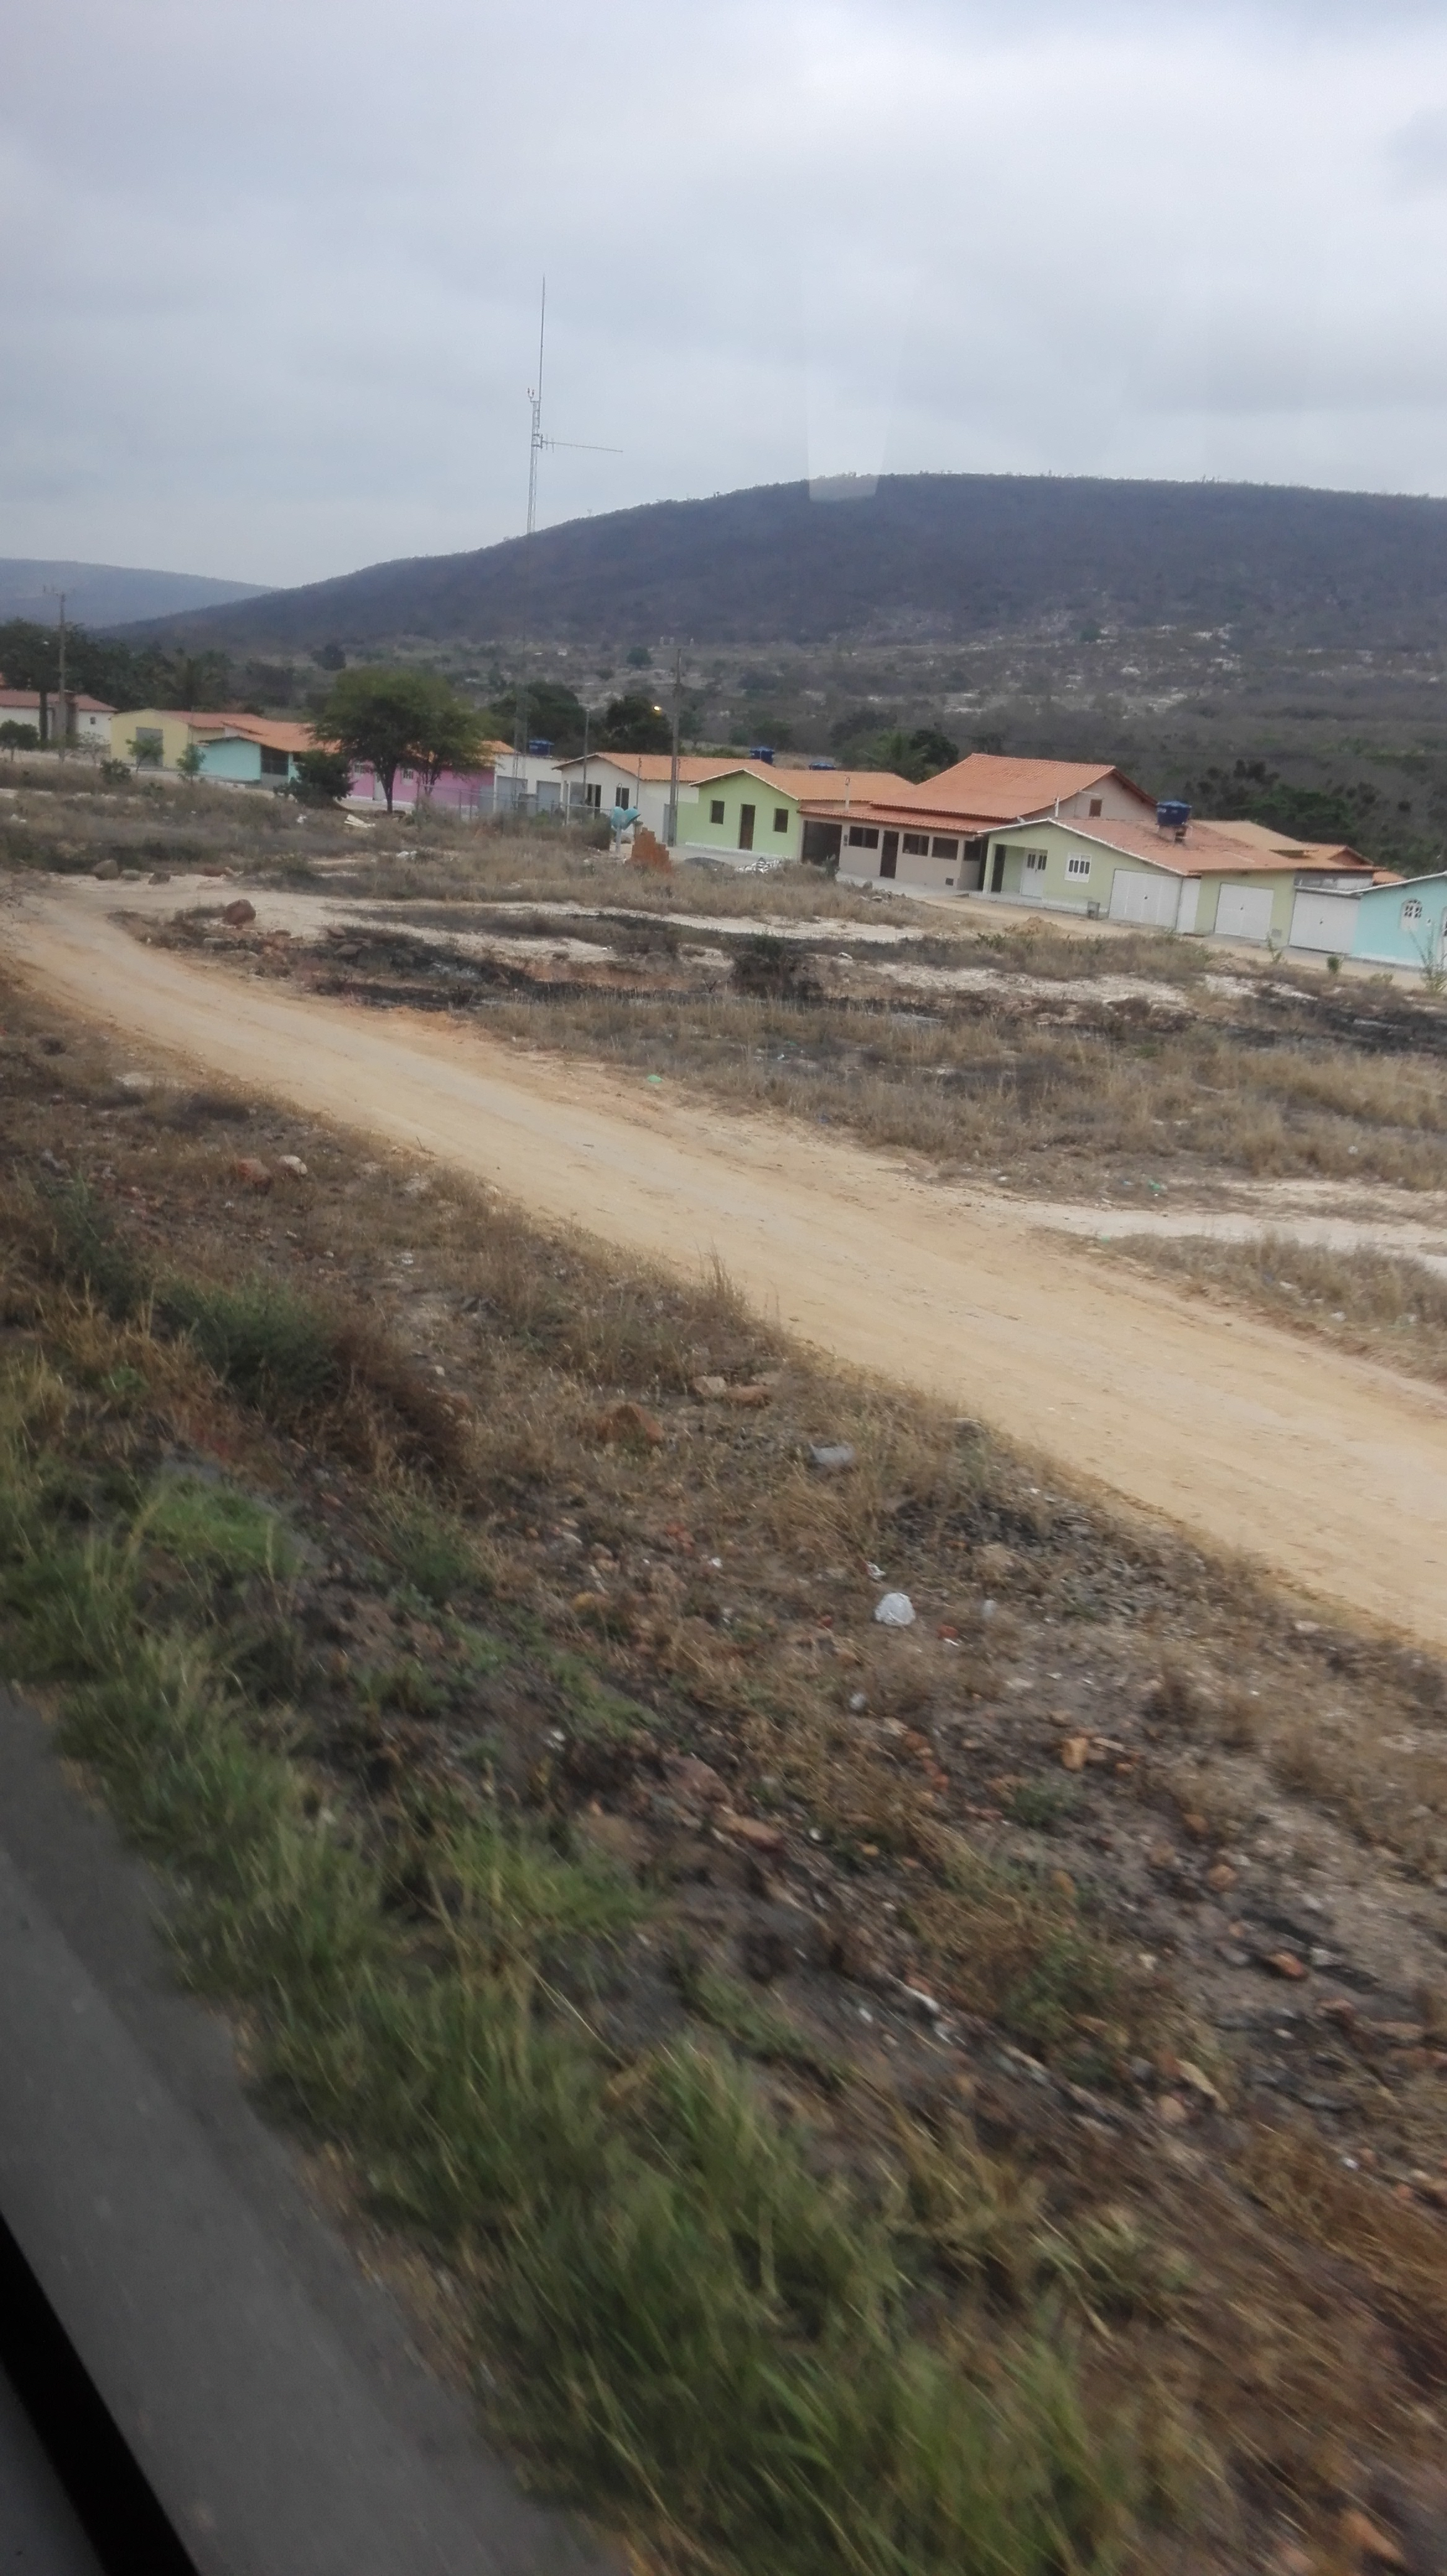 de-eerste-indrukken-op-deze-weg-richting-Ibitiara-17